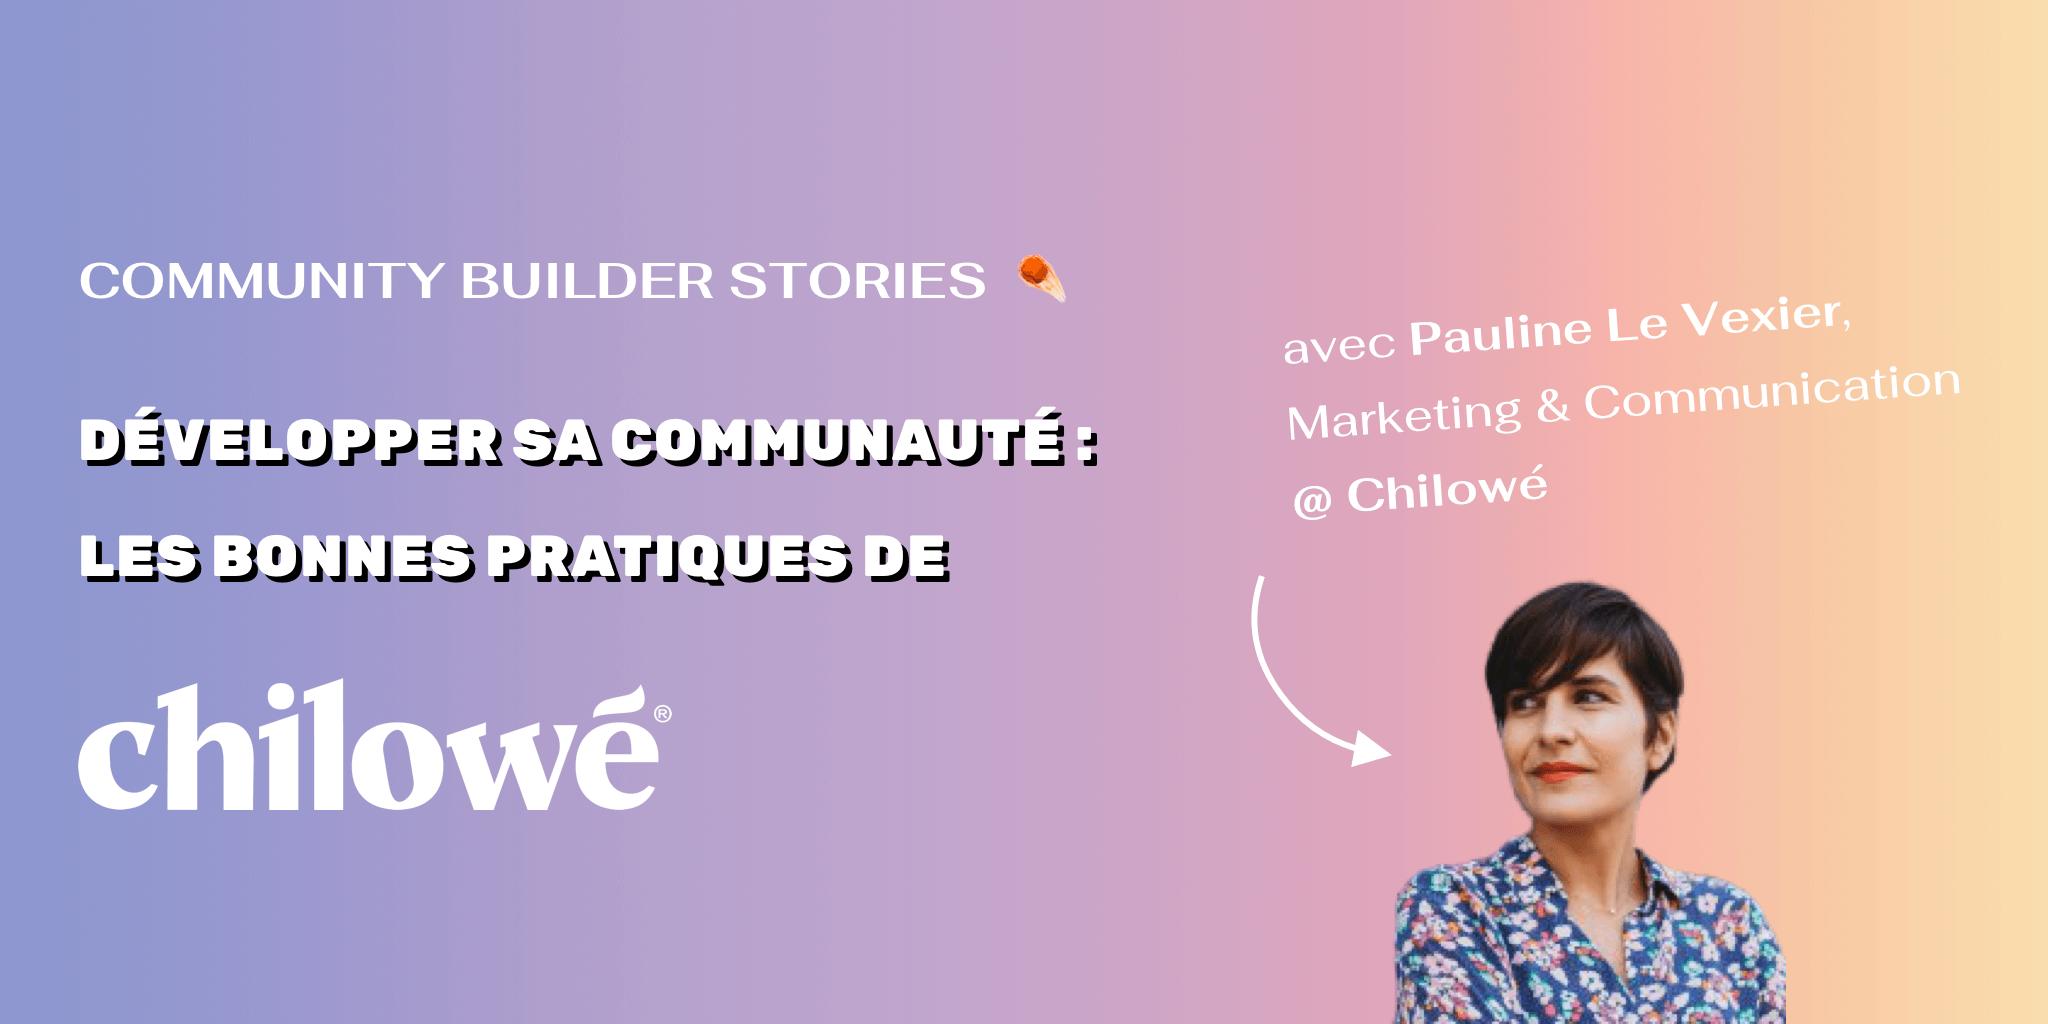 Photo de profil de Pauline Le Vexier, responsable de la communauté de l'entreprise Chilowé